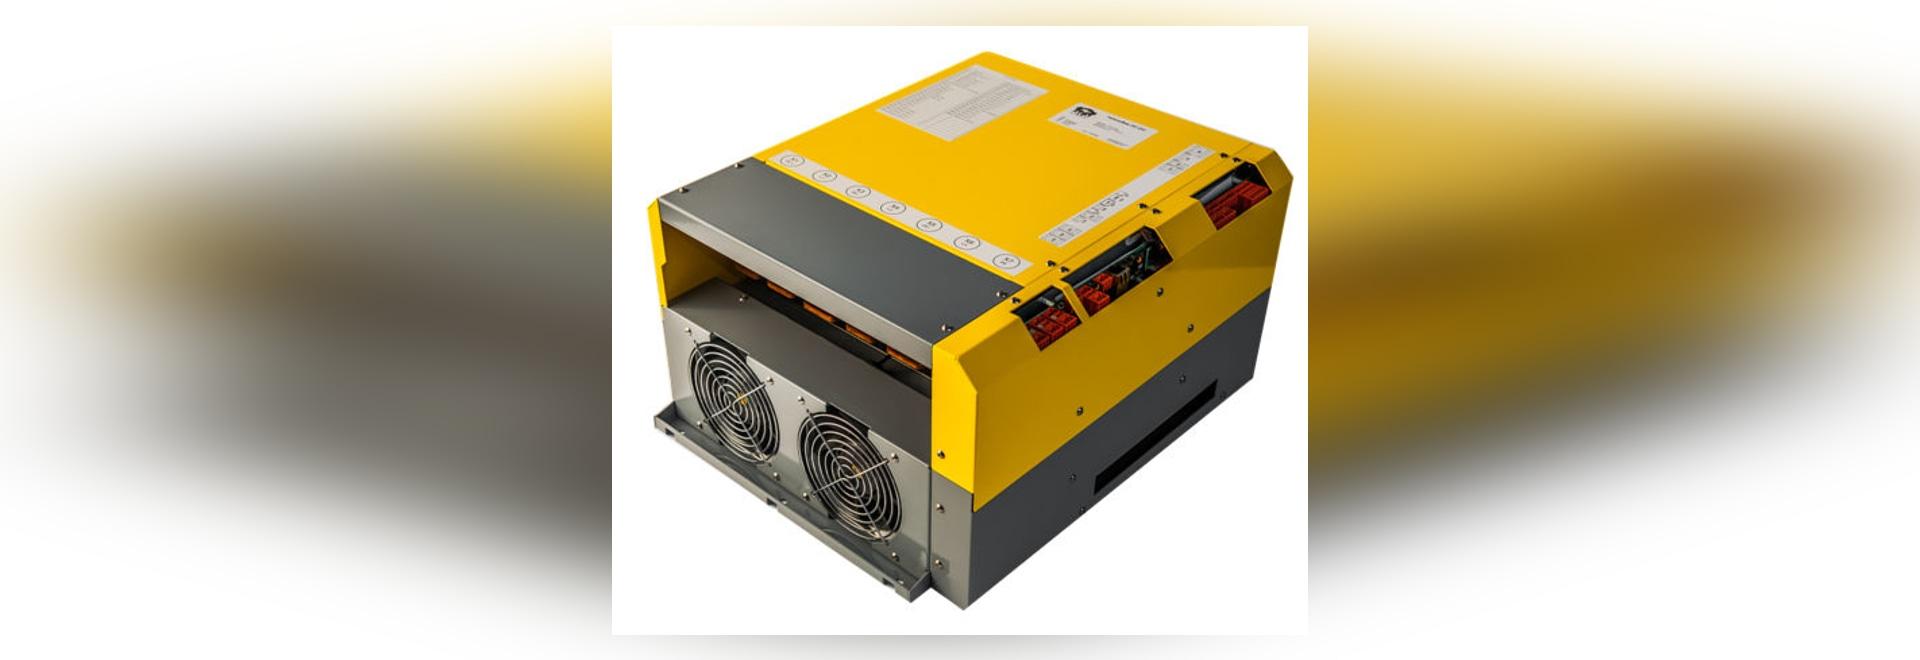 NEW: 200kW, 1200V DC/DC converter